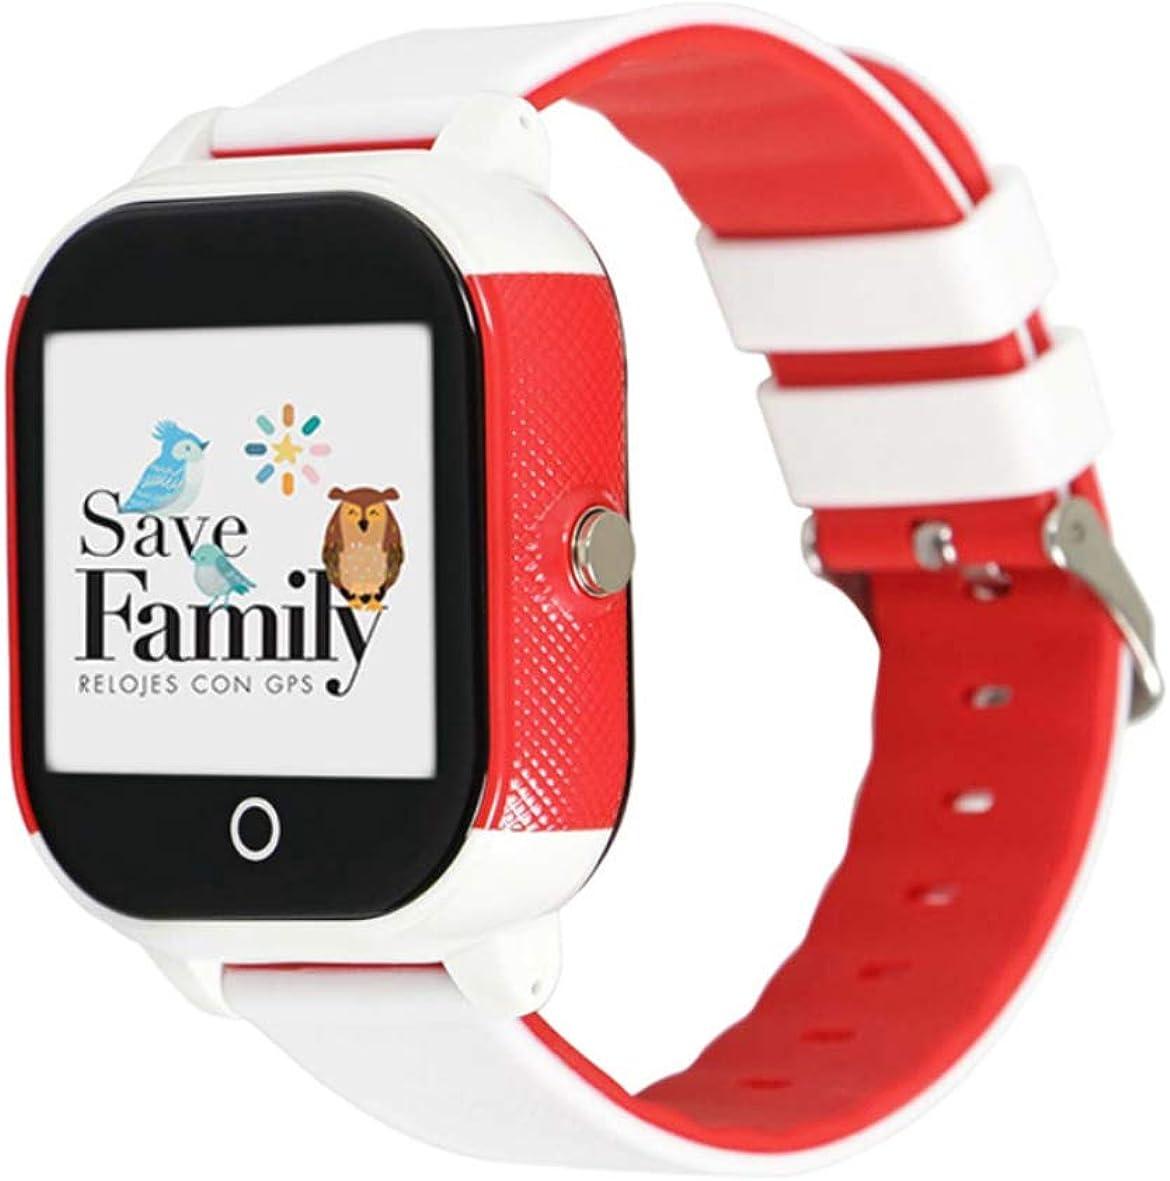 Reloj con GPS para niños Save Family Modelo Junior Acuático. Smartwatch con botón SOS, Permite Llamadas y Mensajes. Resistente al Agua Ip67. App Propia SaveFamily